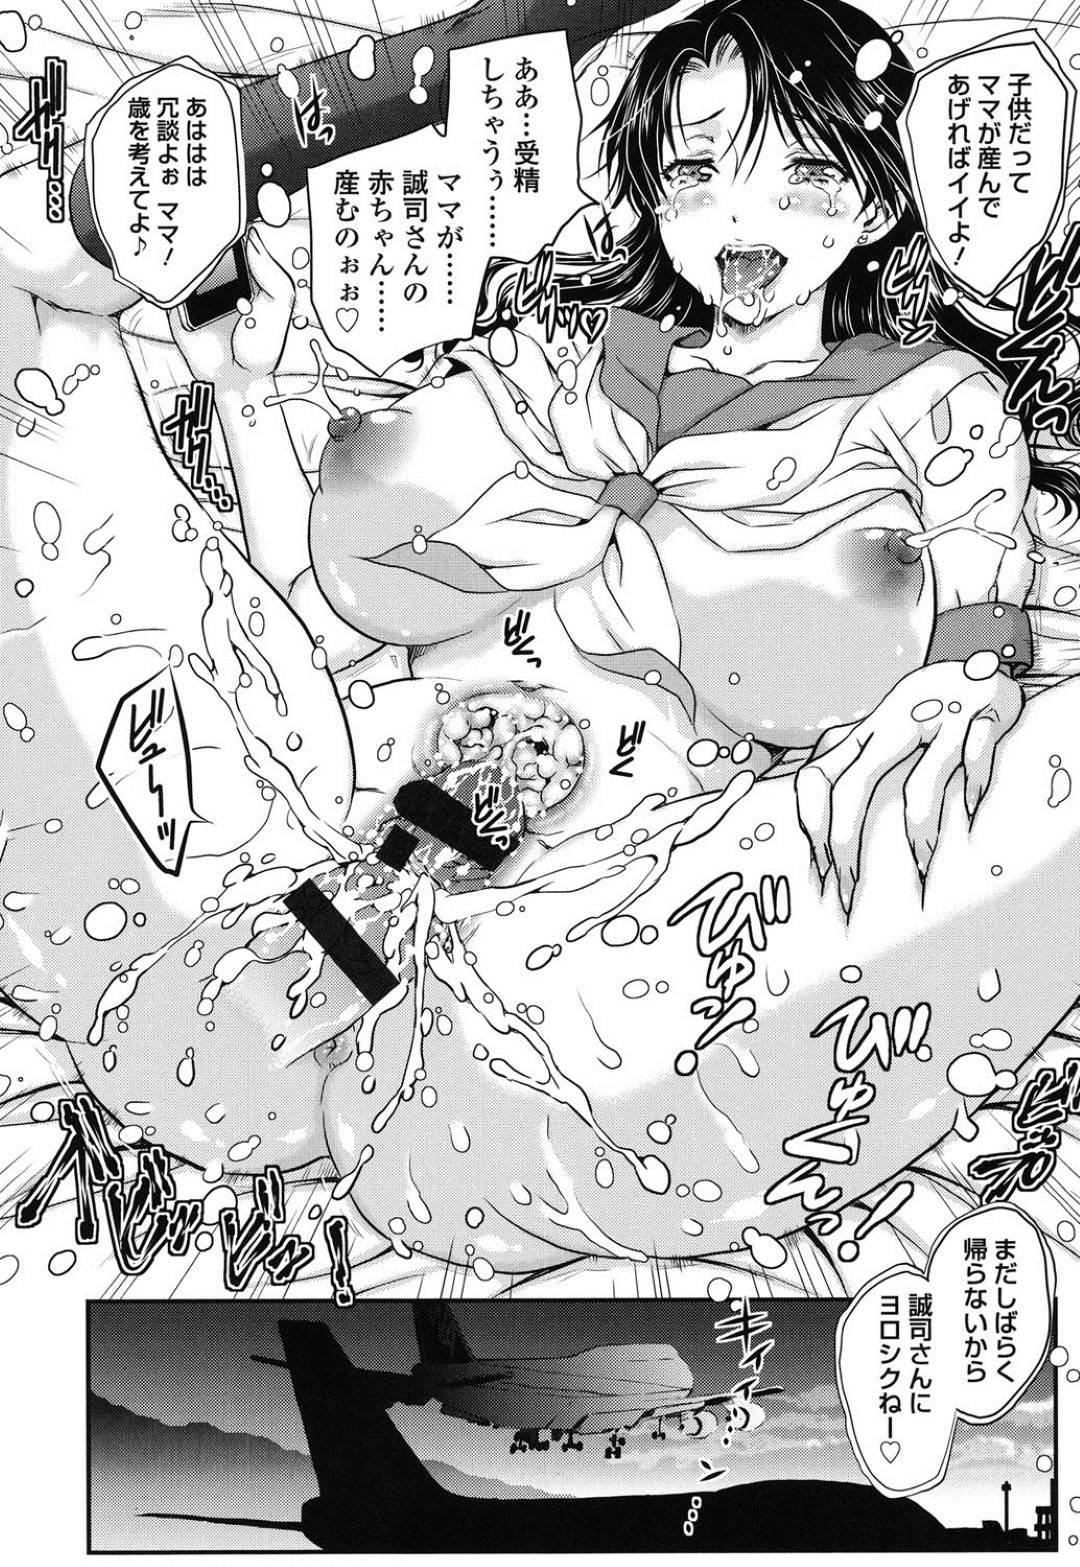 【エロ漫画】娘の婚約者である主人公とセックスする関係となったムチムチ巨乳義母。彼のデカマラにすっかりハマった彼女は旦那に電話をかけながら彼にガン突きされる不倫セックスでアクメ絶頂しまくる!